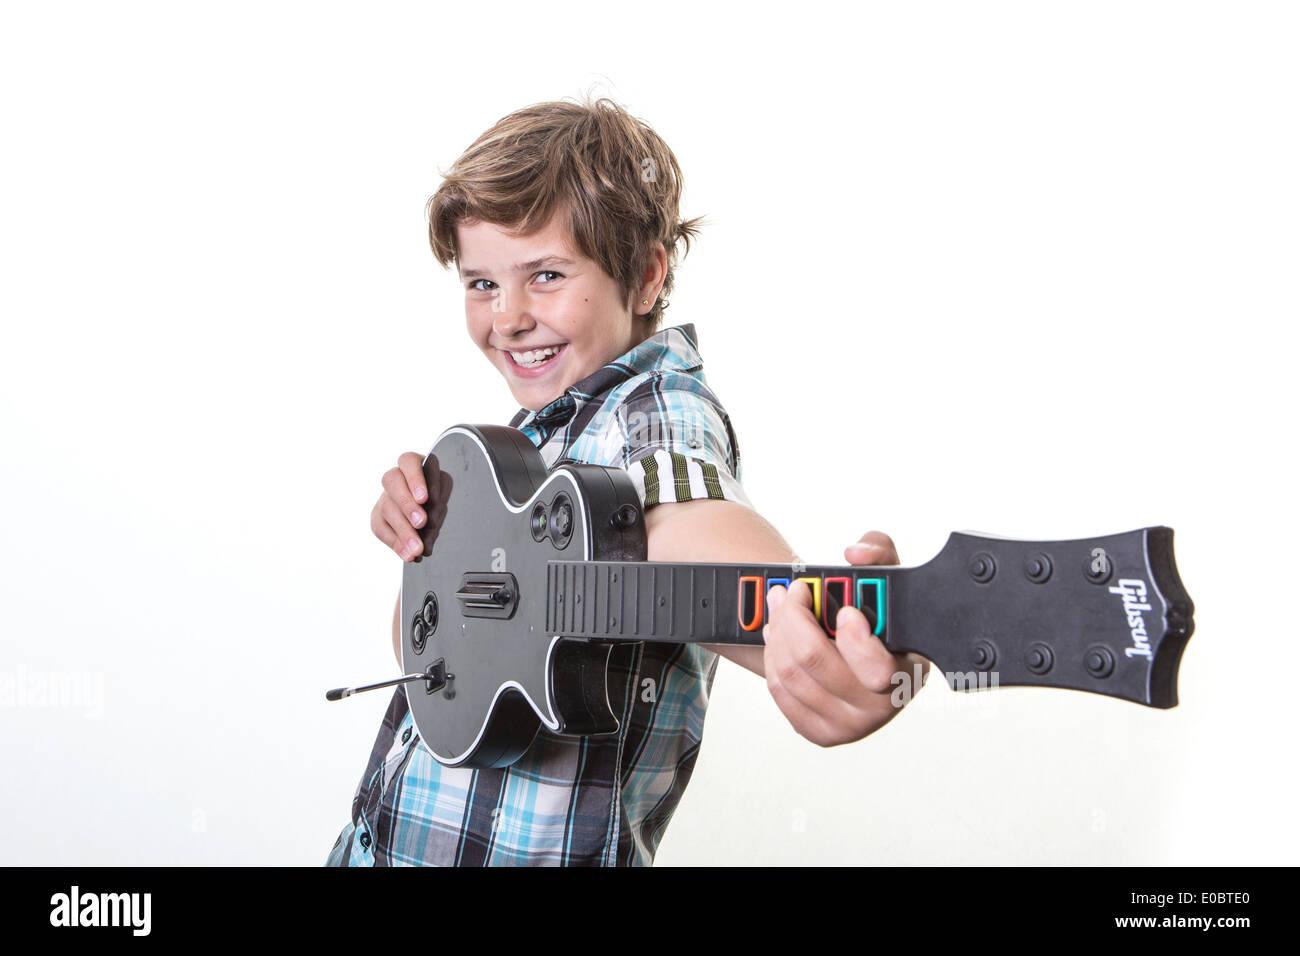 Guitar Hero Stock Photos & Guitar Hero Stock Images - Alamy